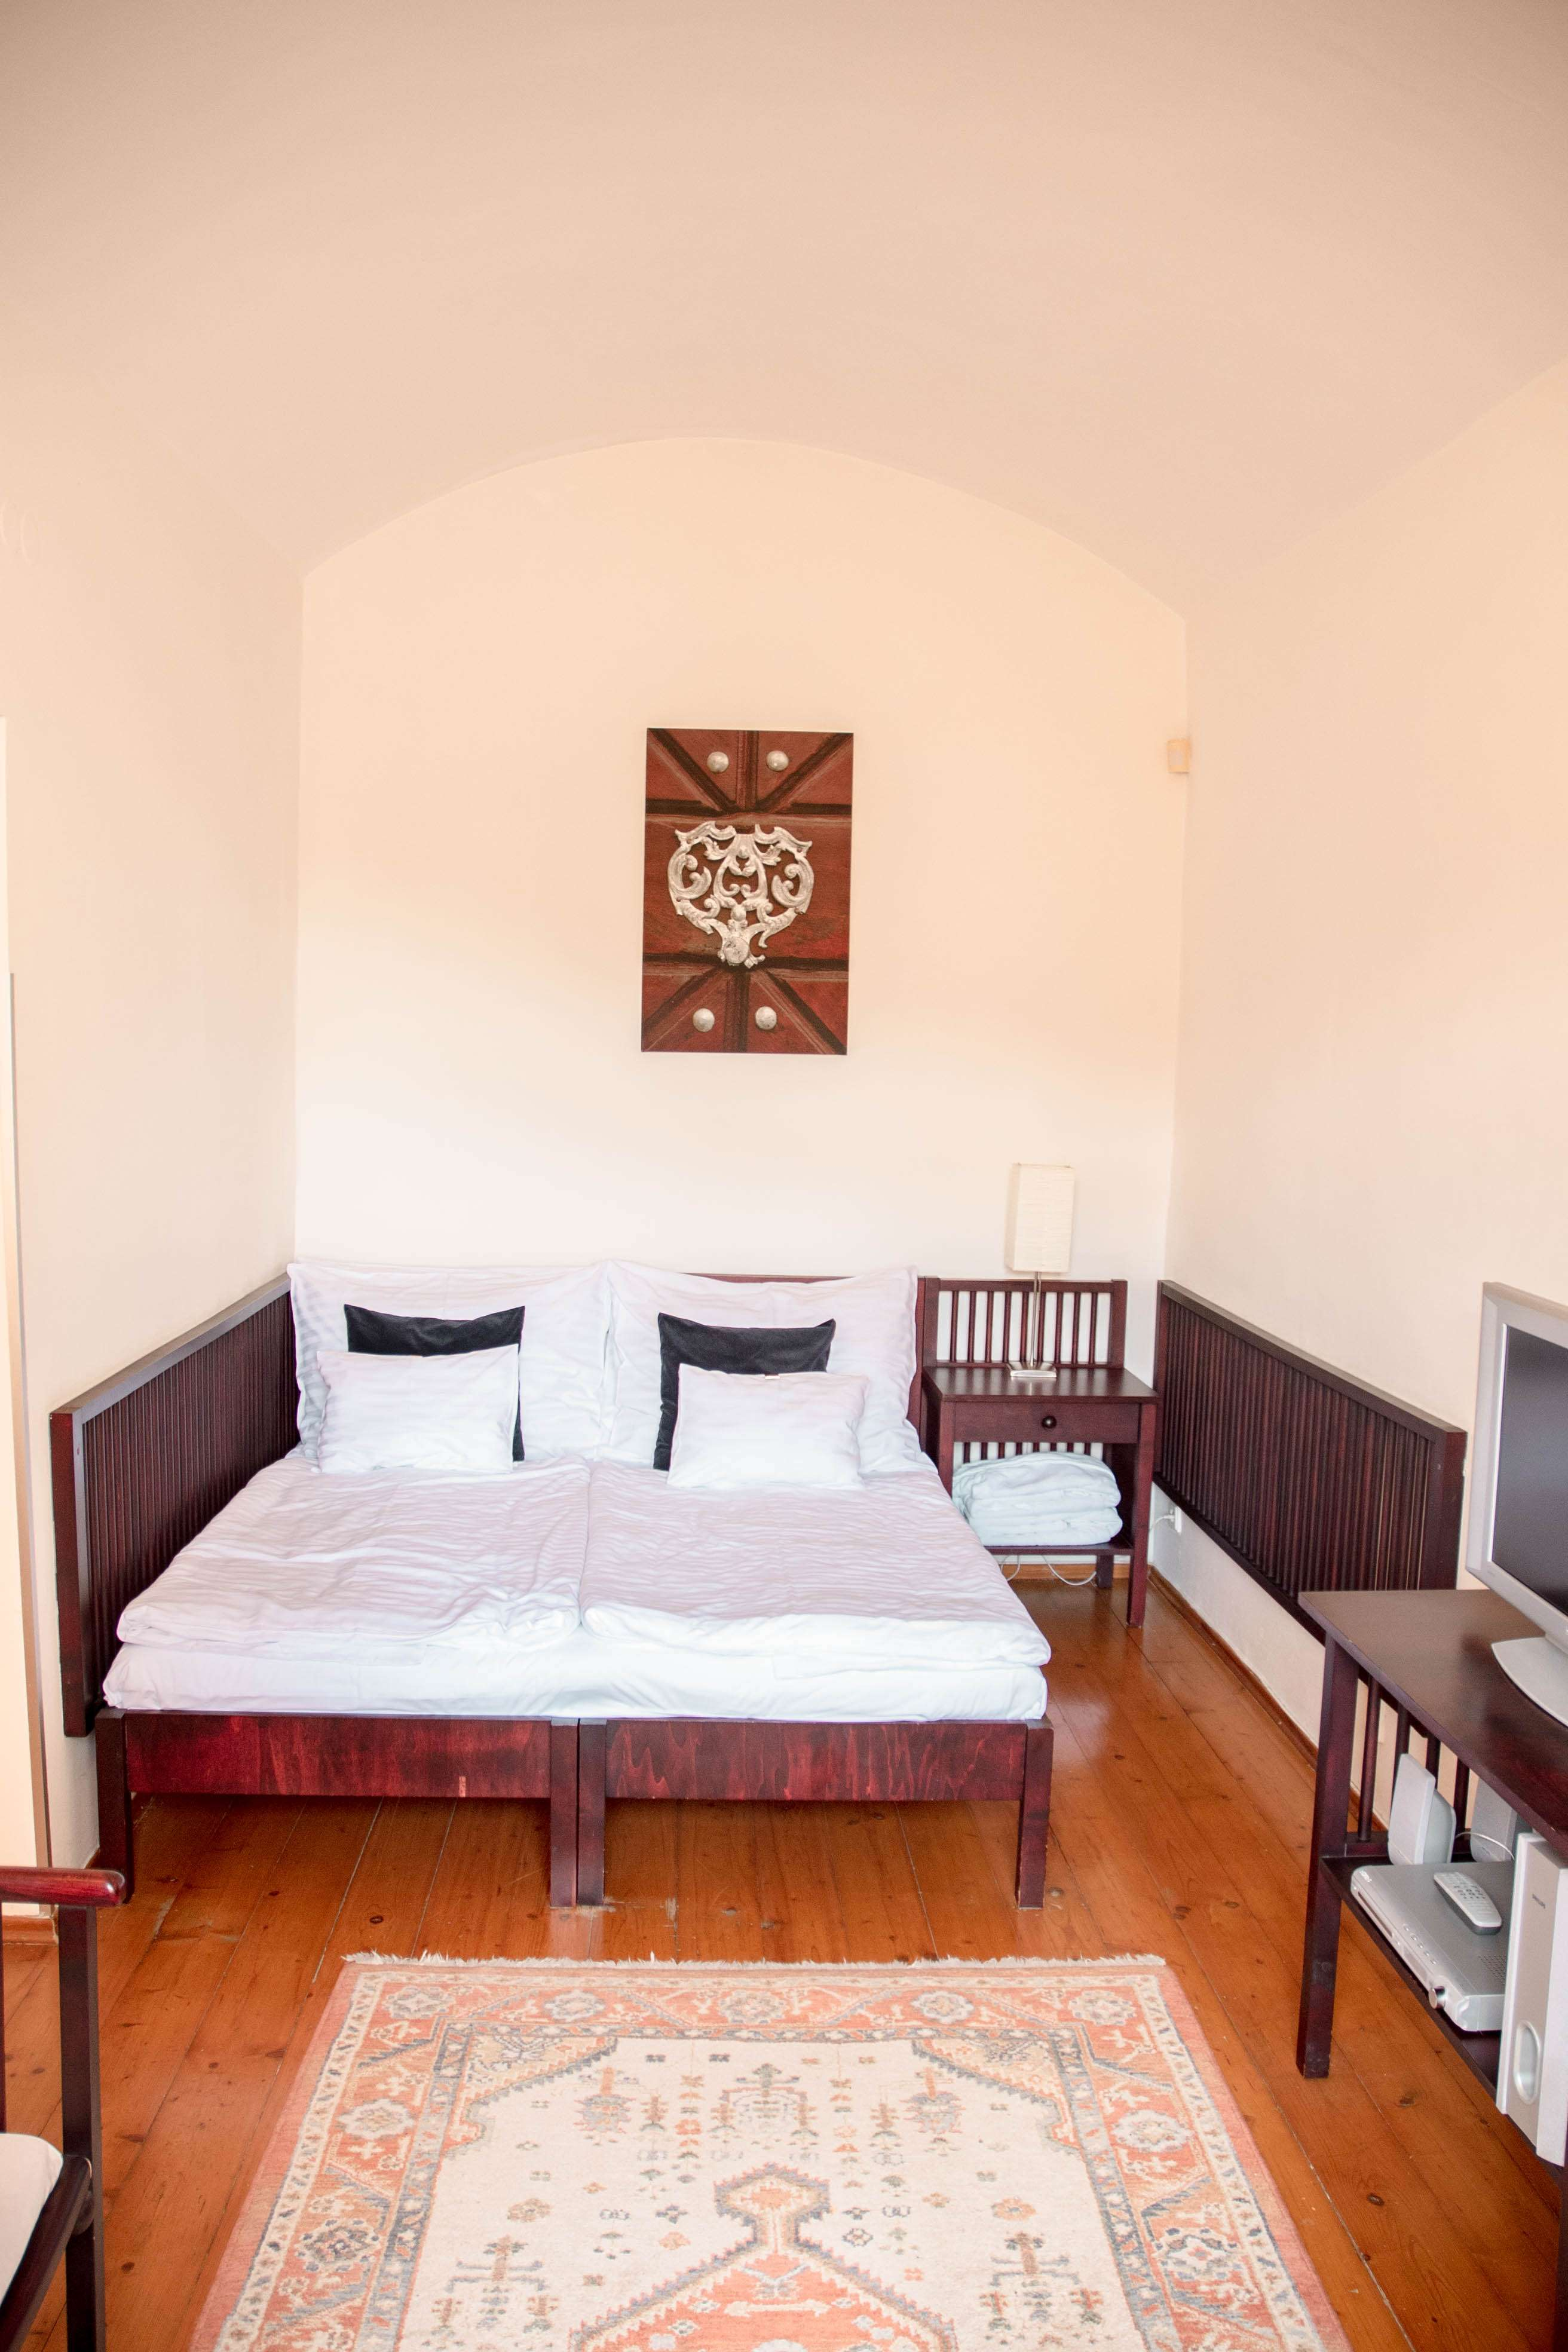 Bedroom at Domus Henrici